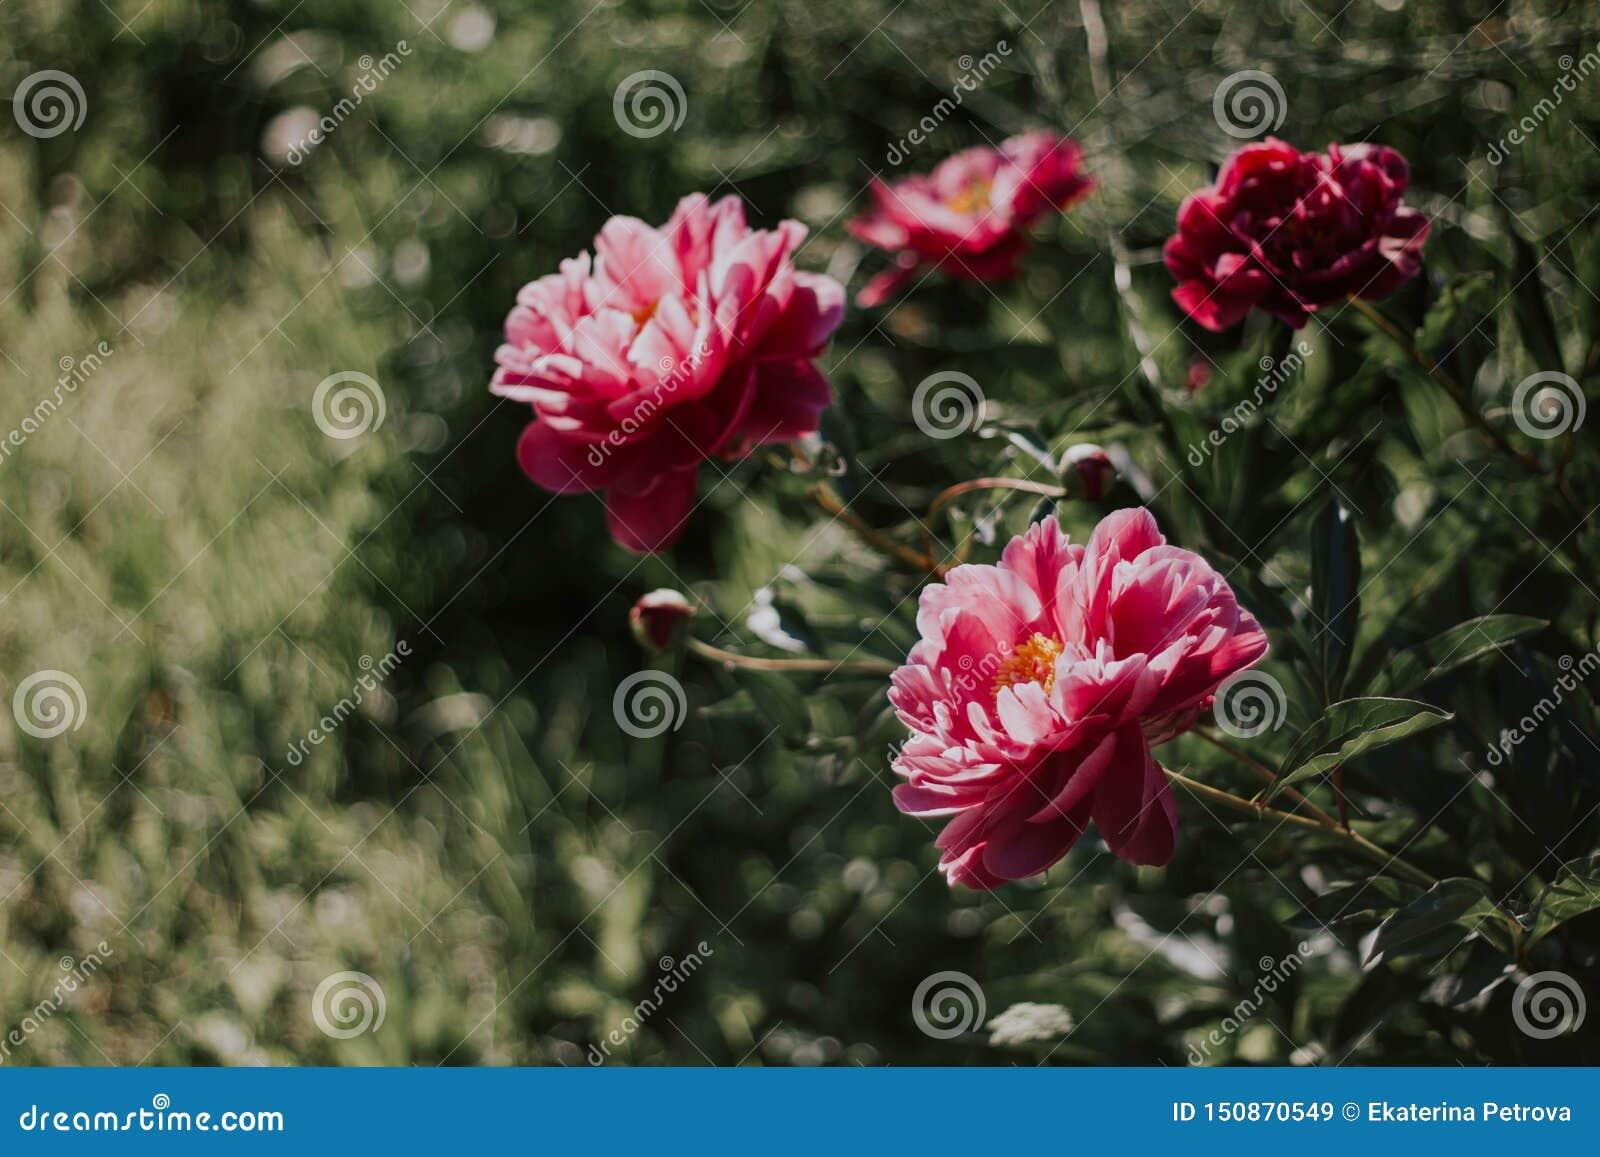 Belles pivoines roses de Bush sur un fond d herbe verte Fleurs roses et blanches dans le jardin Pivoines s élevant dans l herbe